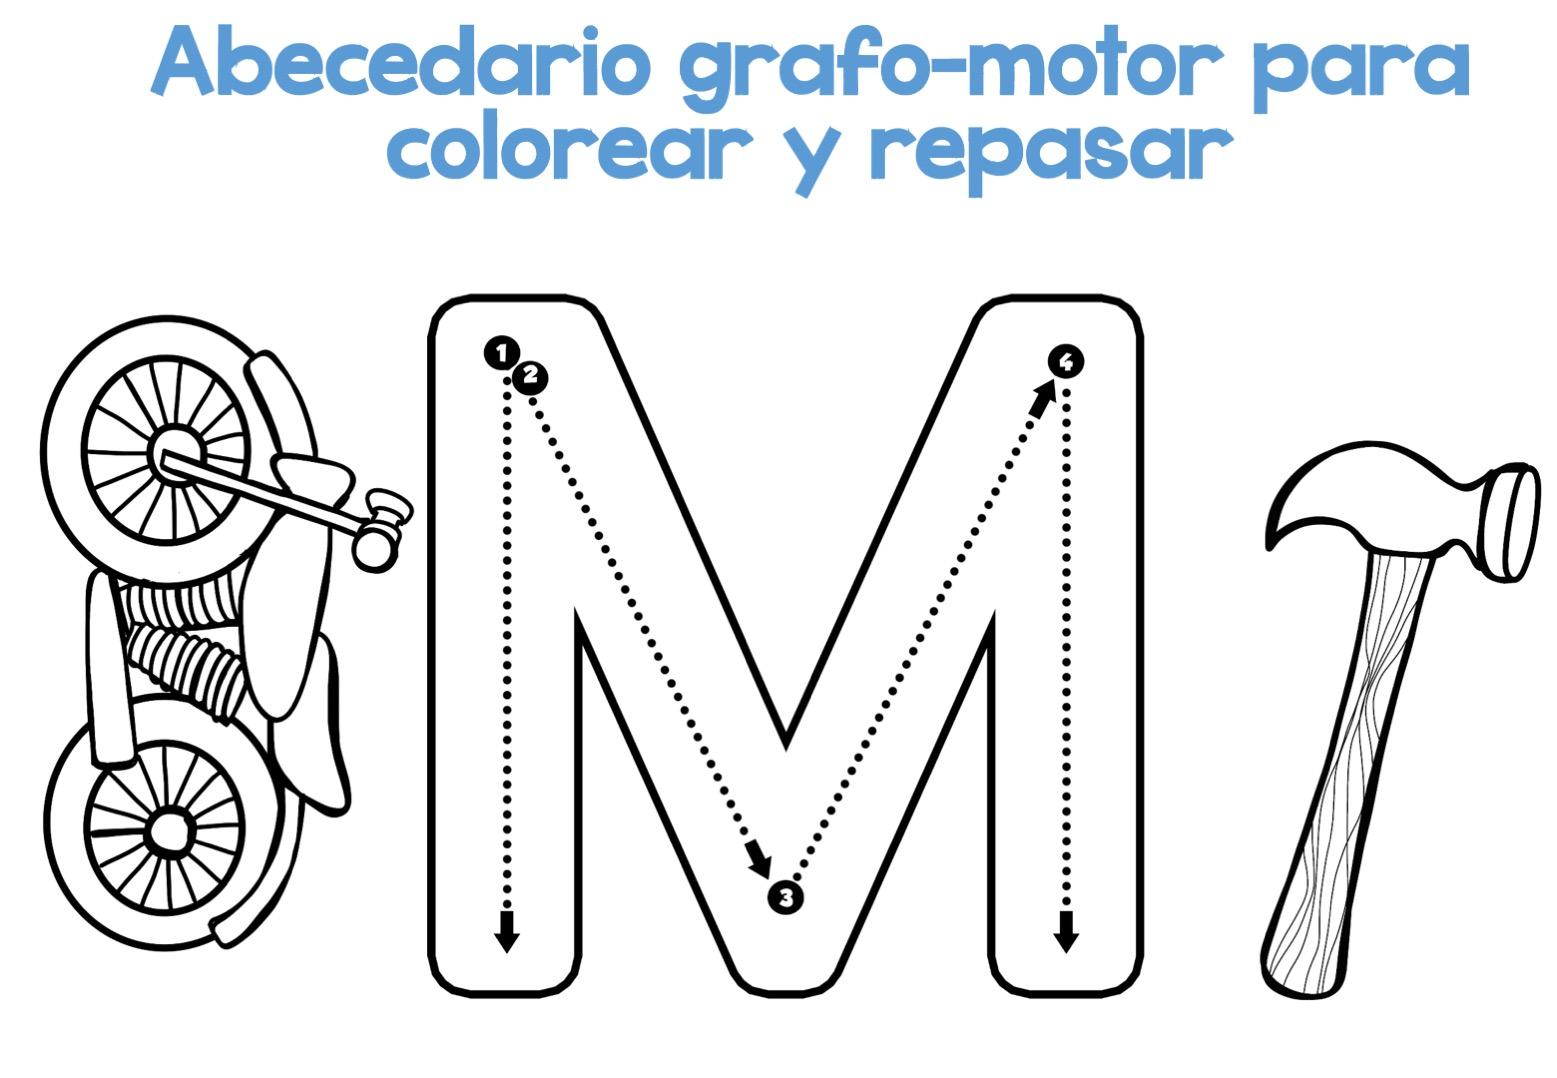 Fichas Del Abecedario Para Colorear Niños De Infantil Y: Completo Abecedario Grafo-motor Para Colorear Y Repasar13